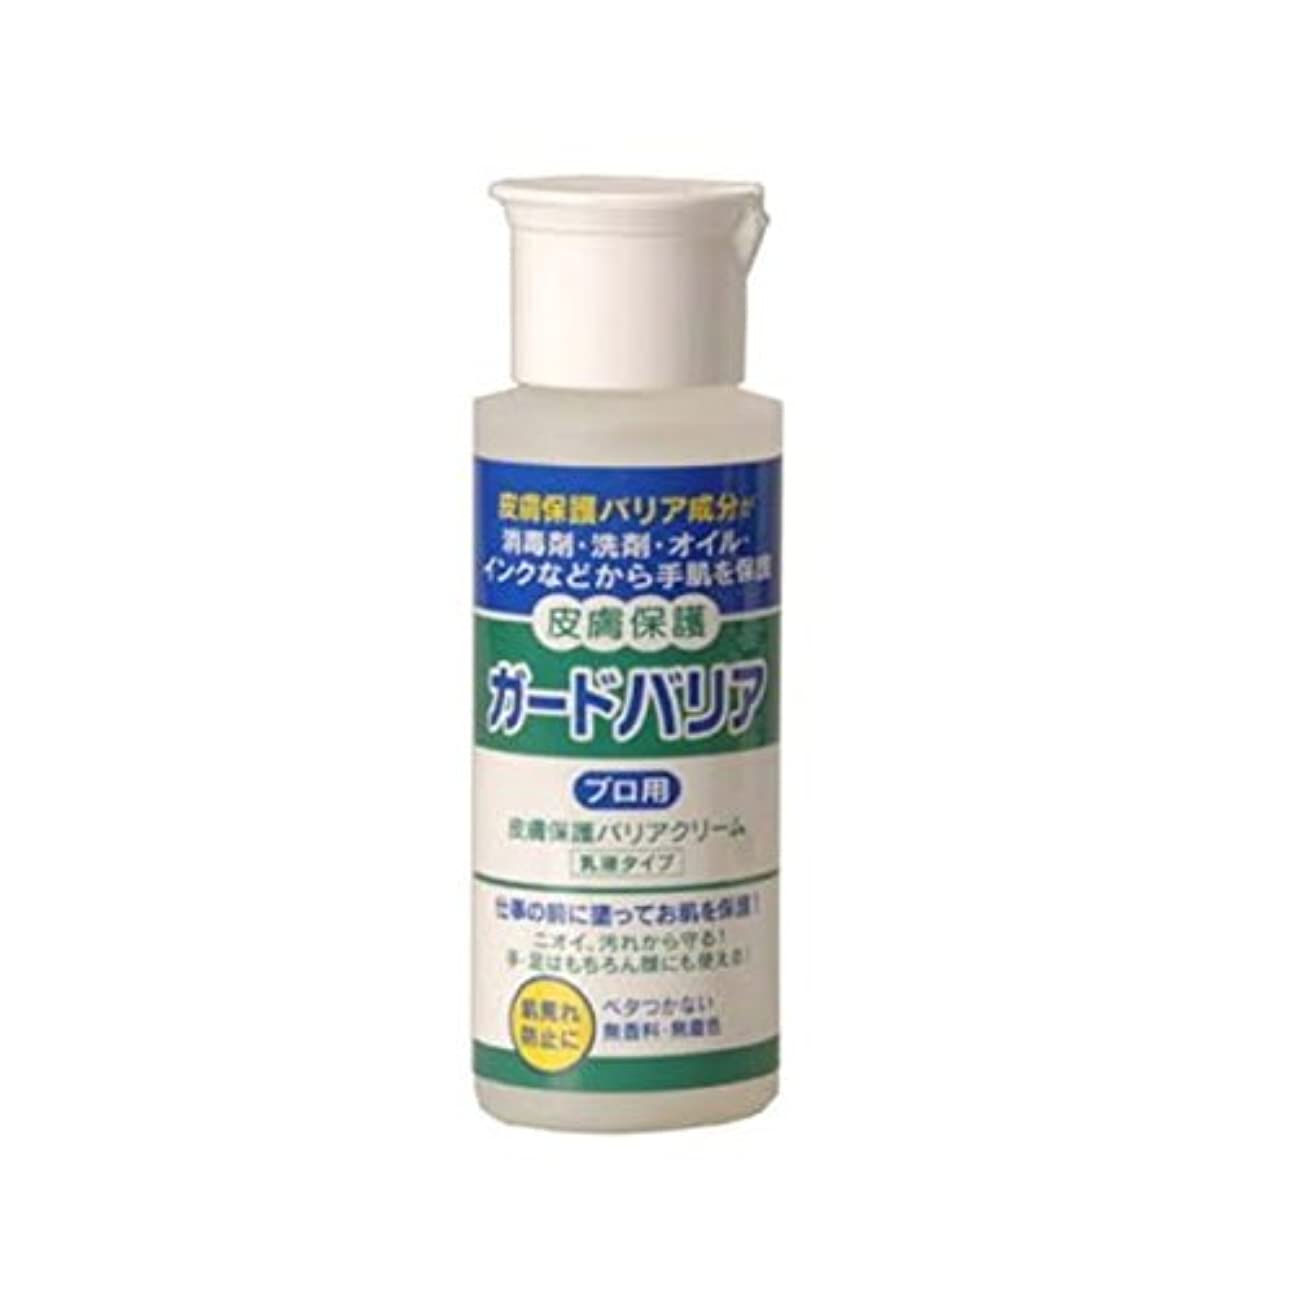 病的障害者荷物ガードバリア【皮膚保護バリアクリーム】プロ用?お試し用小瓶50ml